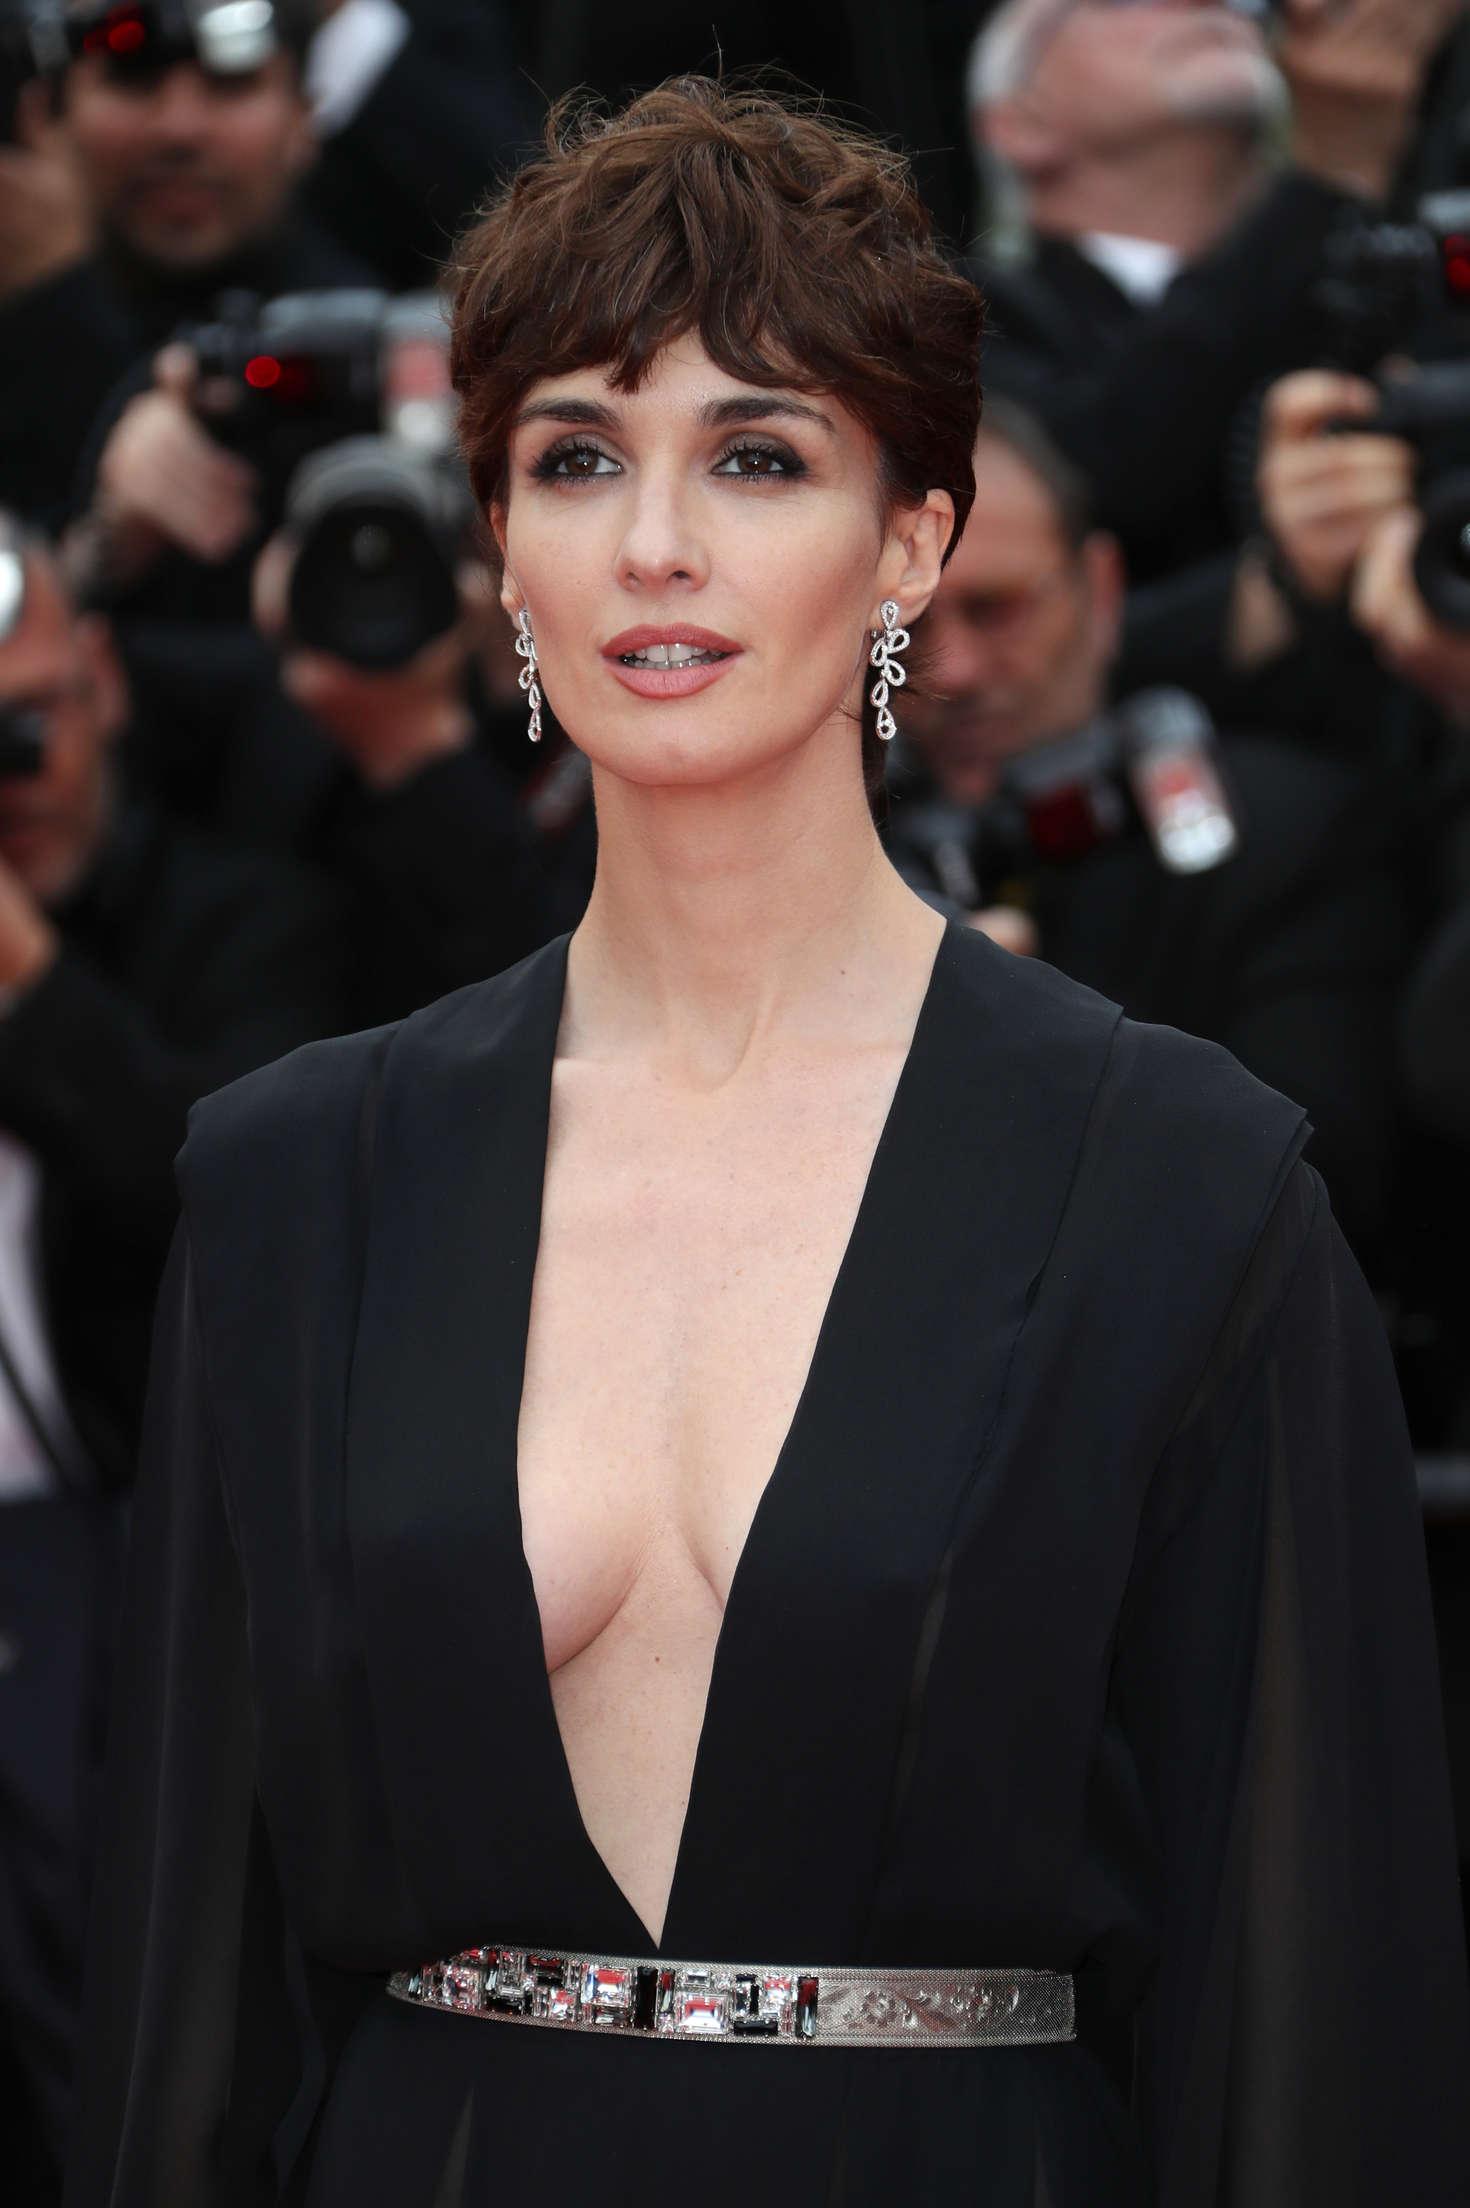 Paz Vega 2016 : Paz Vega: The BFG Premiere at 2016 Cannes Film Festival -27